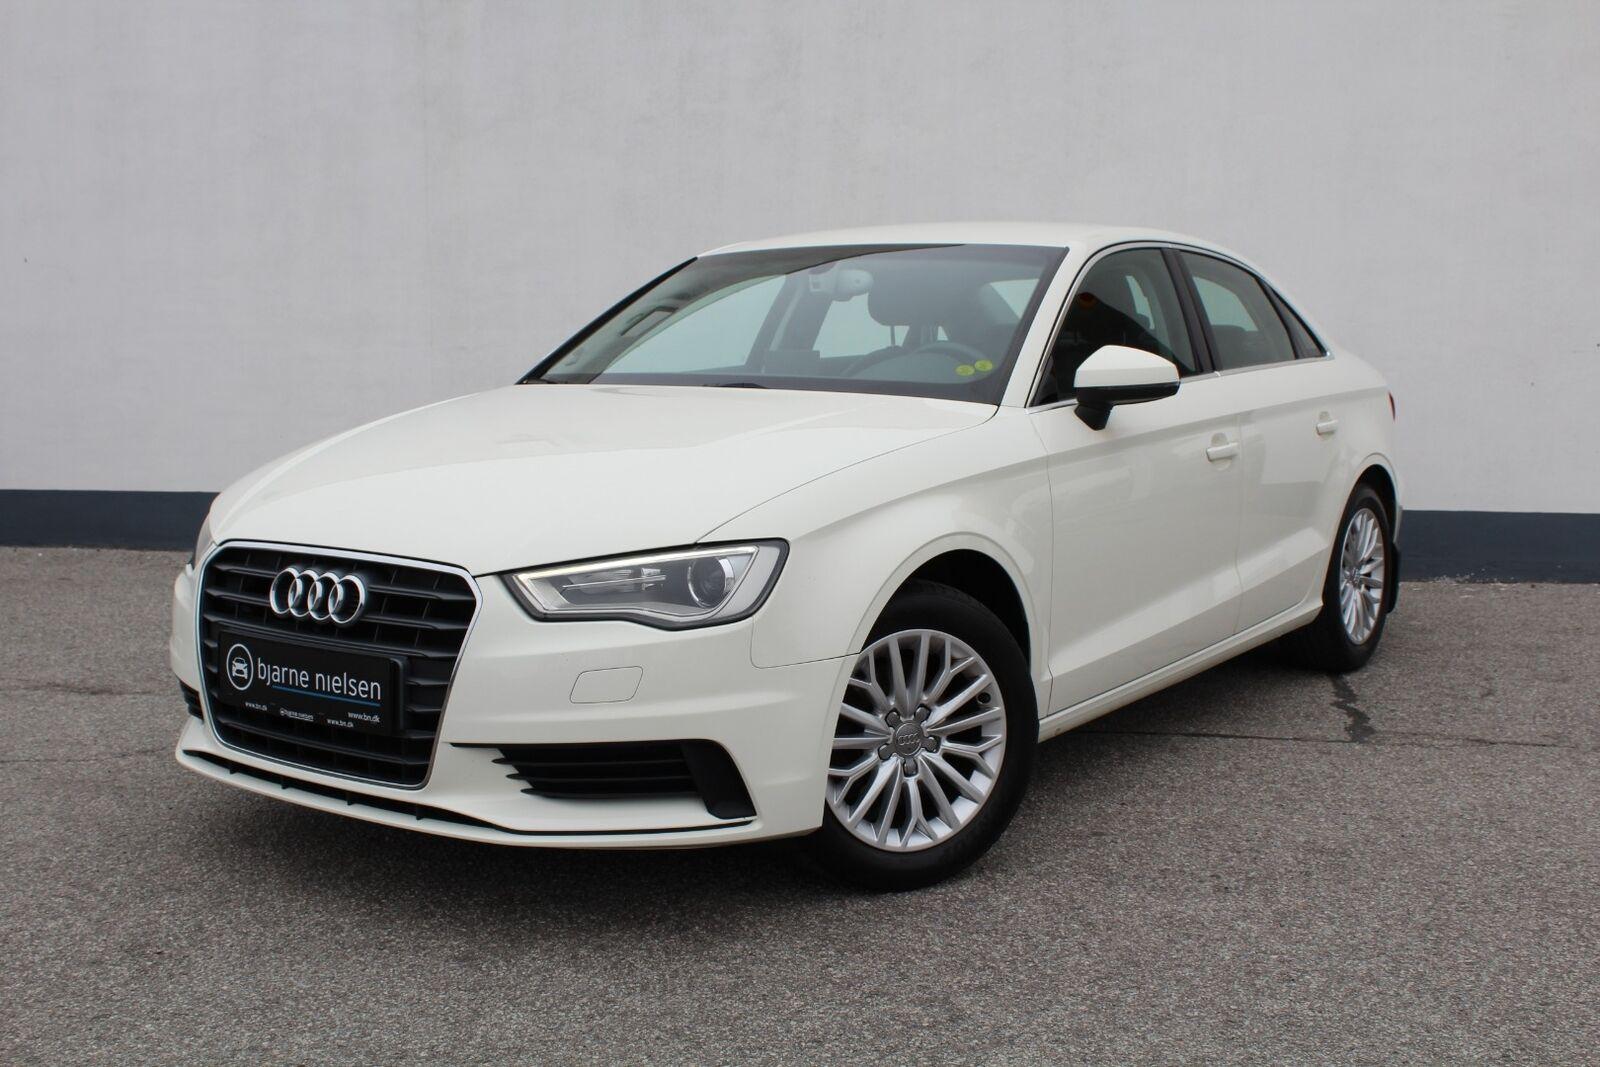 Audi A3 Billede 4